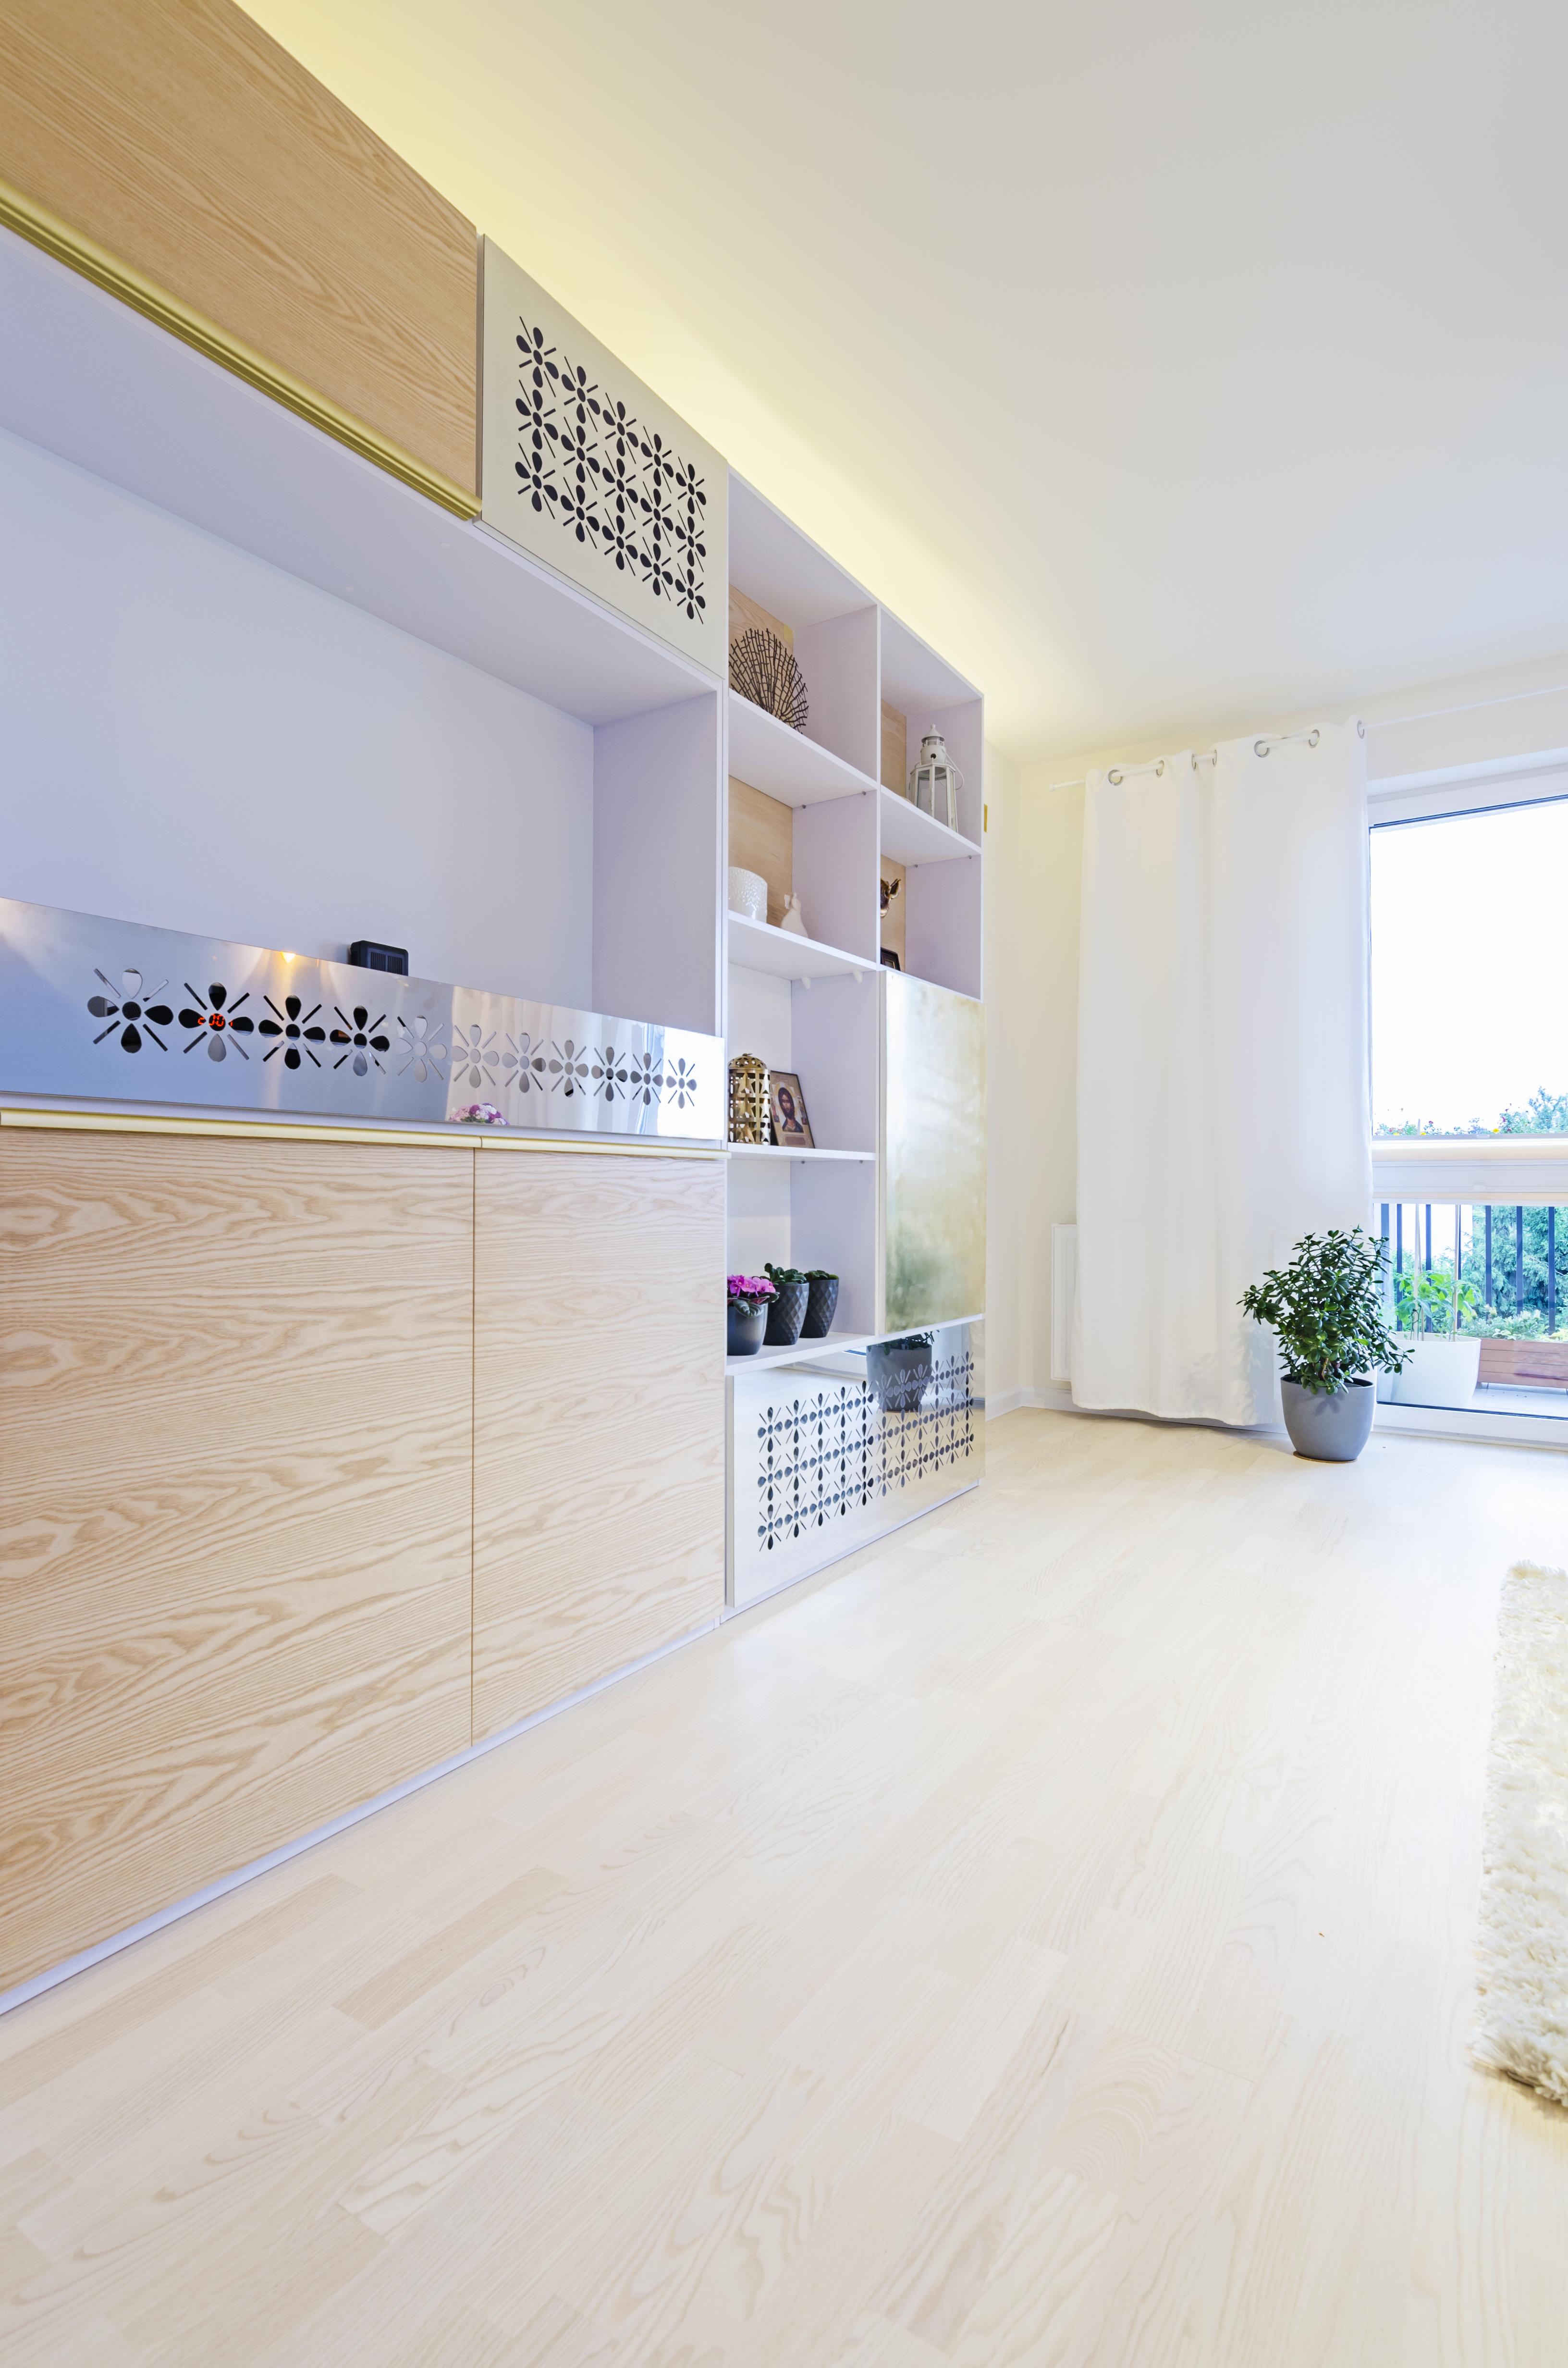 zamknięte, złoto i srebro, portfolio, laurowa, mieszkanie, projektowanie wnętrz, łazienka